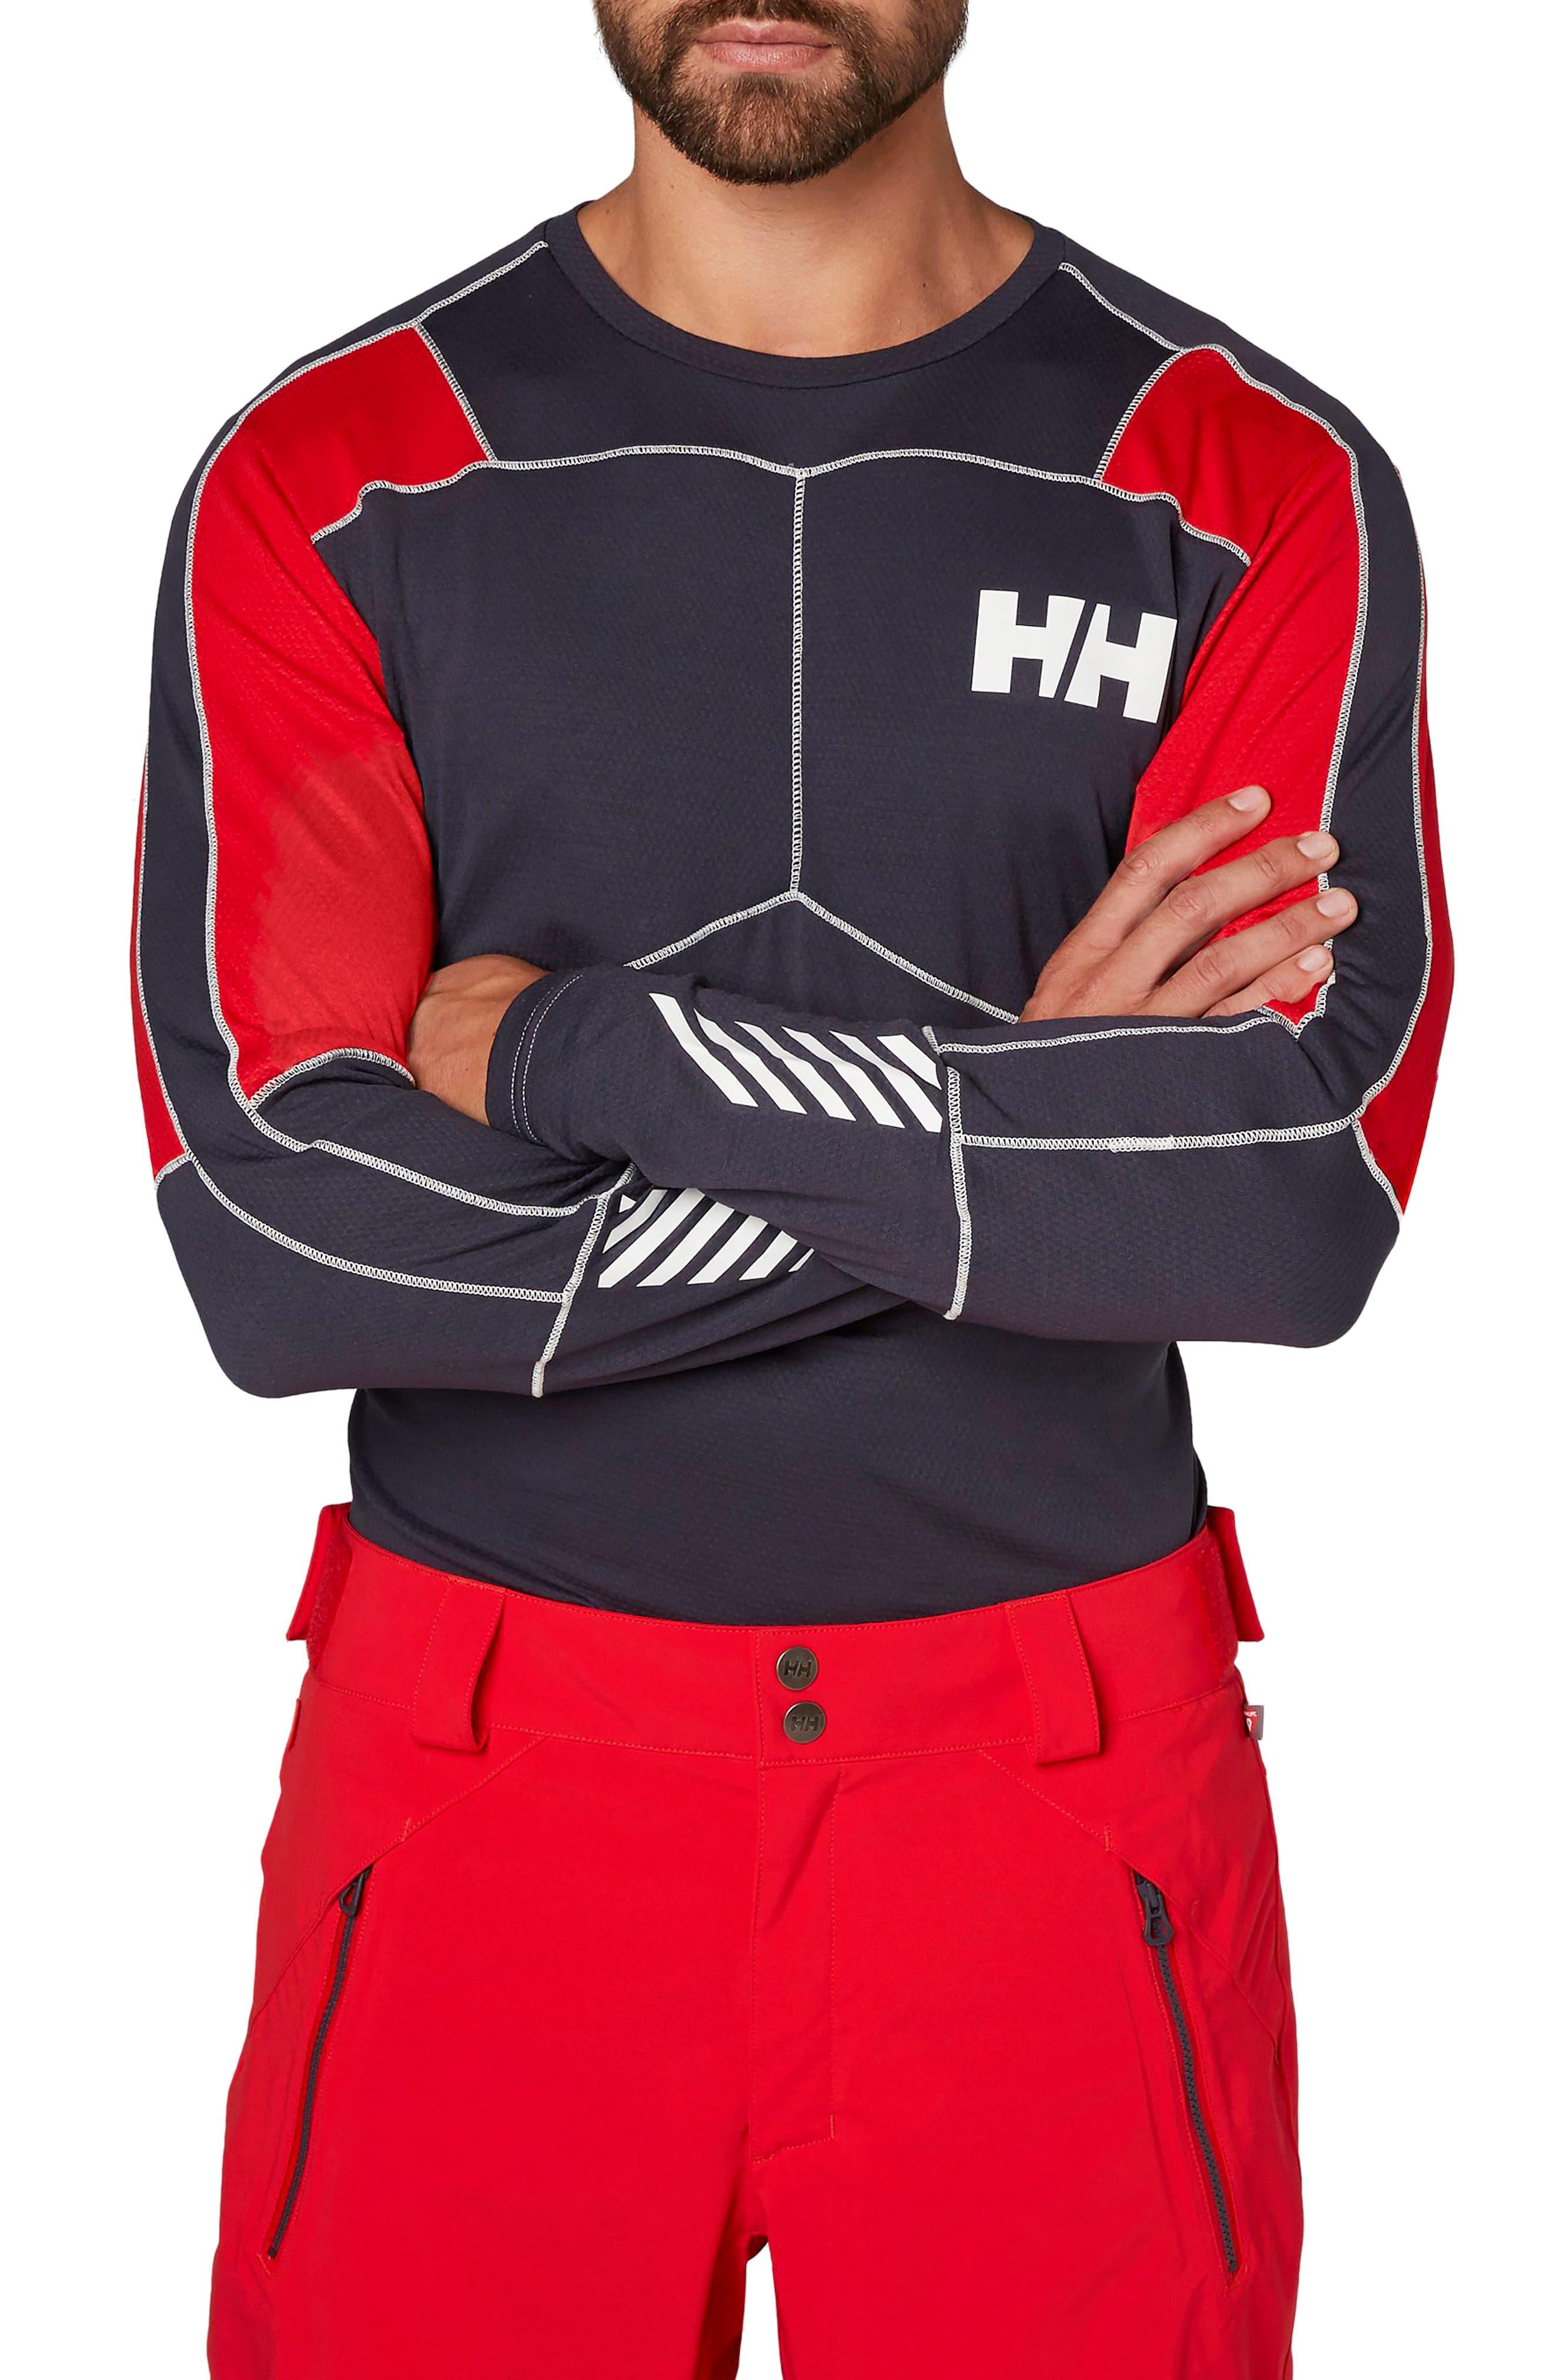 Lifa<sup>®</sup> Mid Long Sleeve Base Layer Shirt,                             Main thumbnail 2, color,